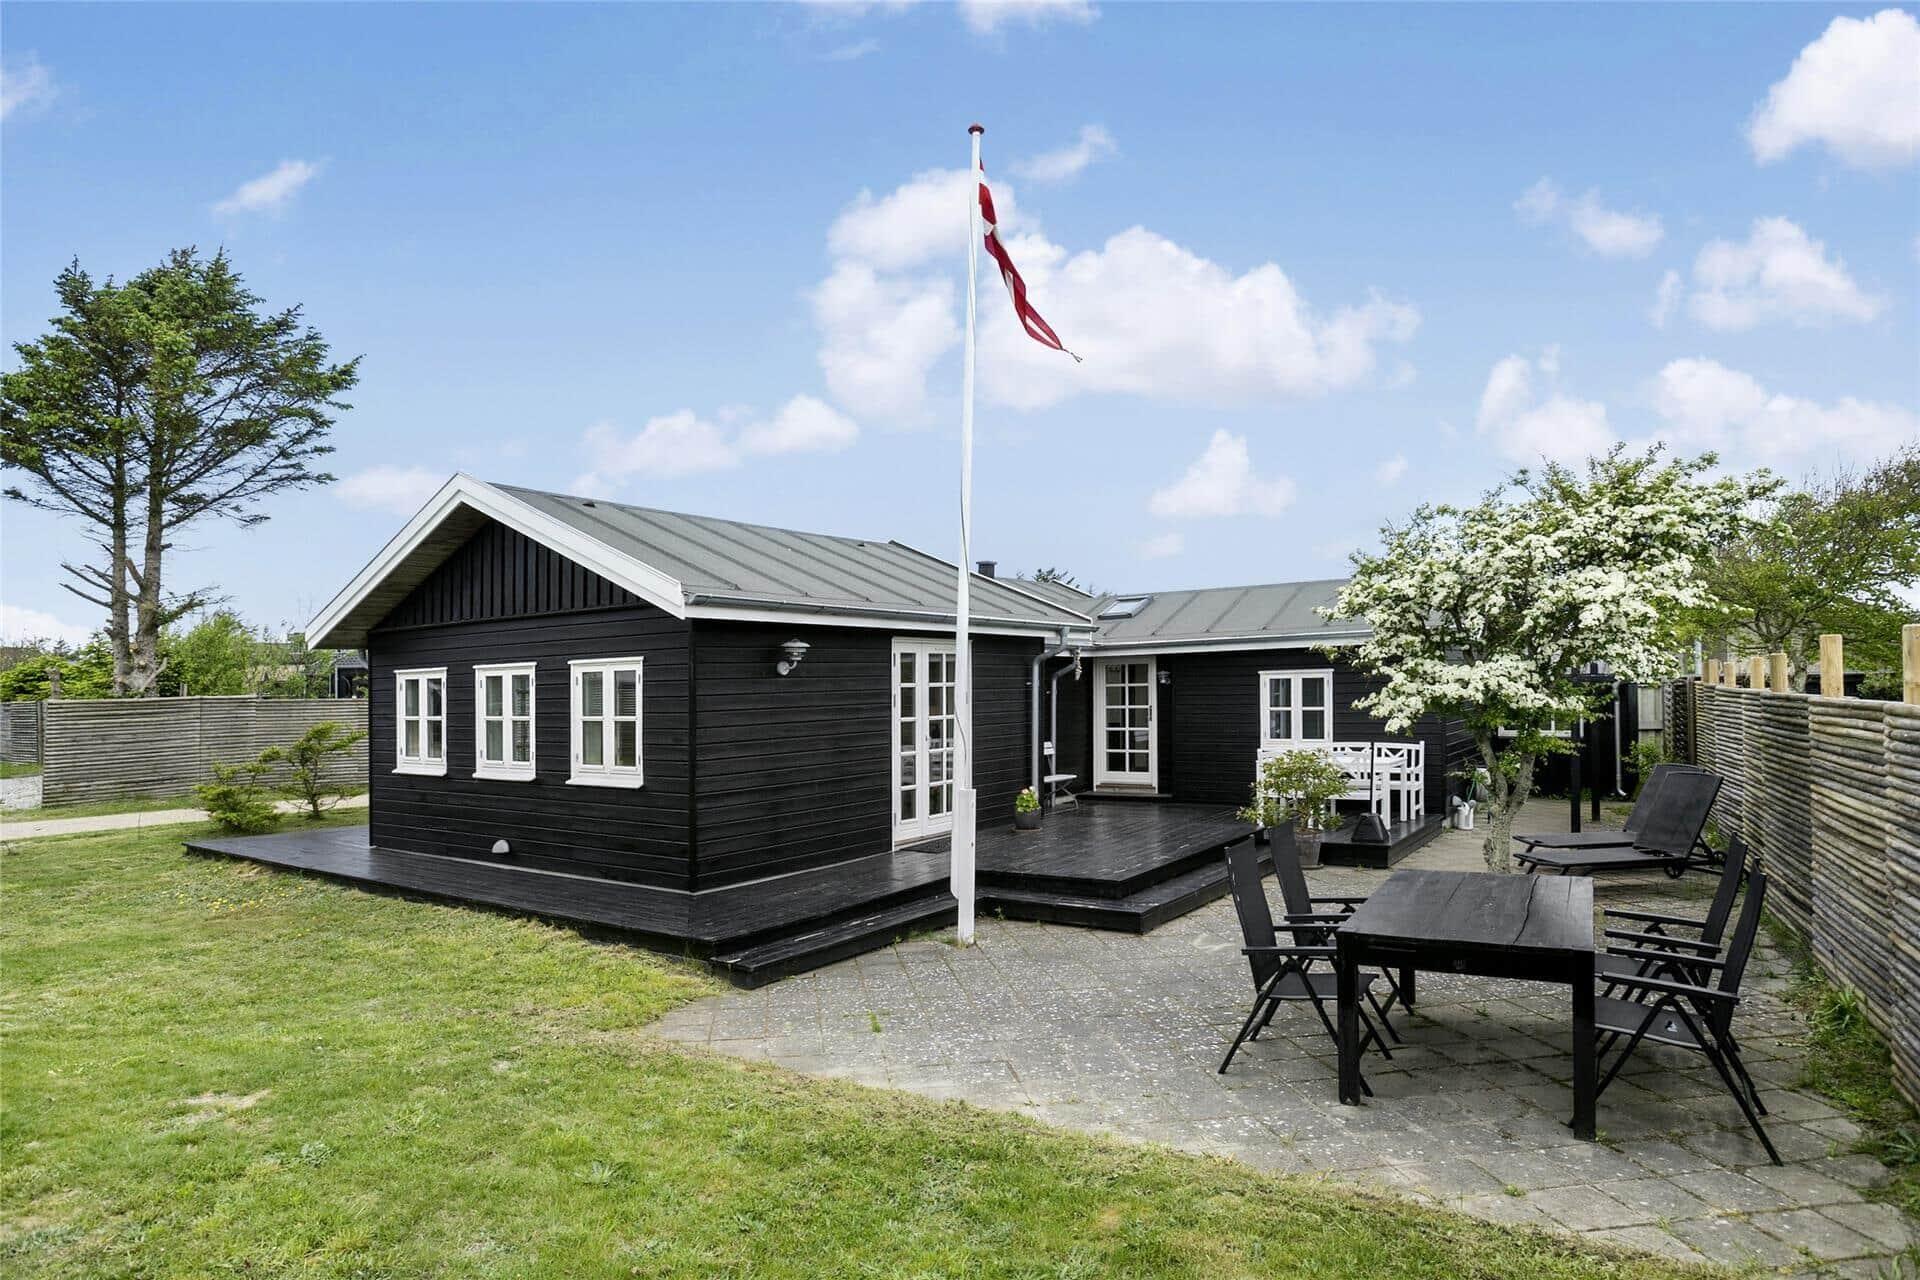 Billede 1-14 Sommerhus 395, Maren Hjortelsvej 4, DK - 9492 Blokhus